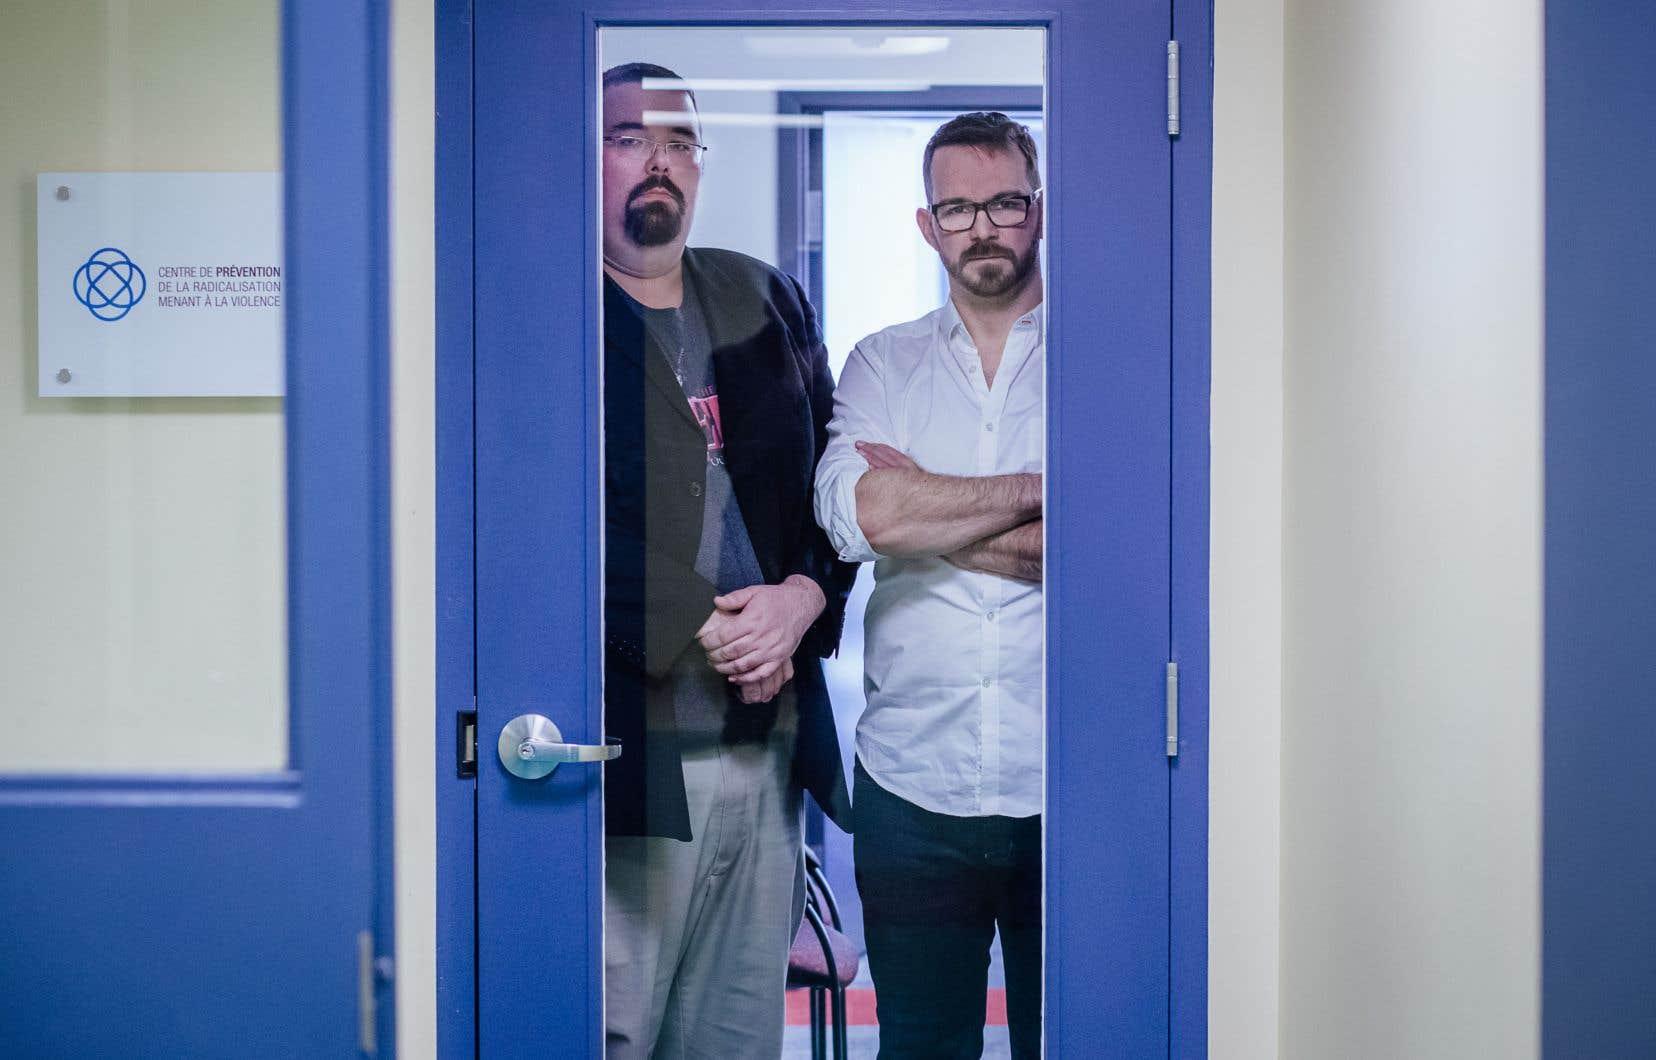 Ancien skinhead néonazi, Maxime Fiset (à gauche) s'appuie sur son passé de jeune radicalisé comme levier pour contribuer aujourd'hui à la prévention de la radicalisation menant à la violence, avec le réalisateur Gabriel Allard-Gagnon.